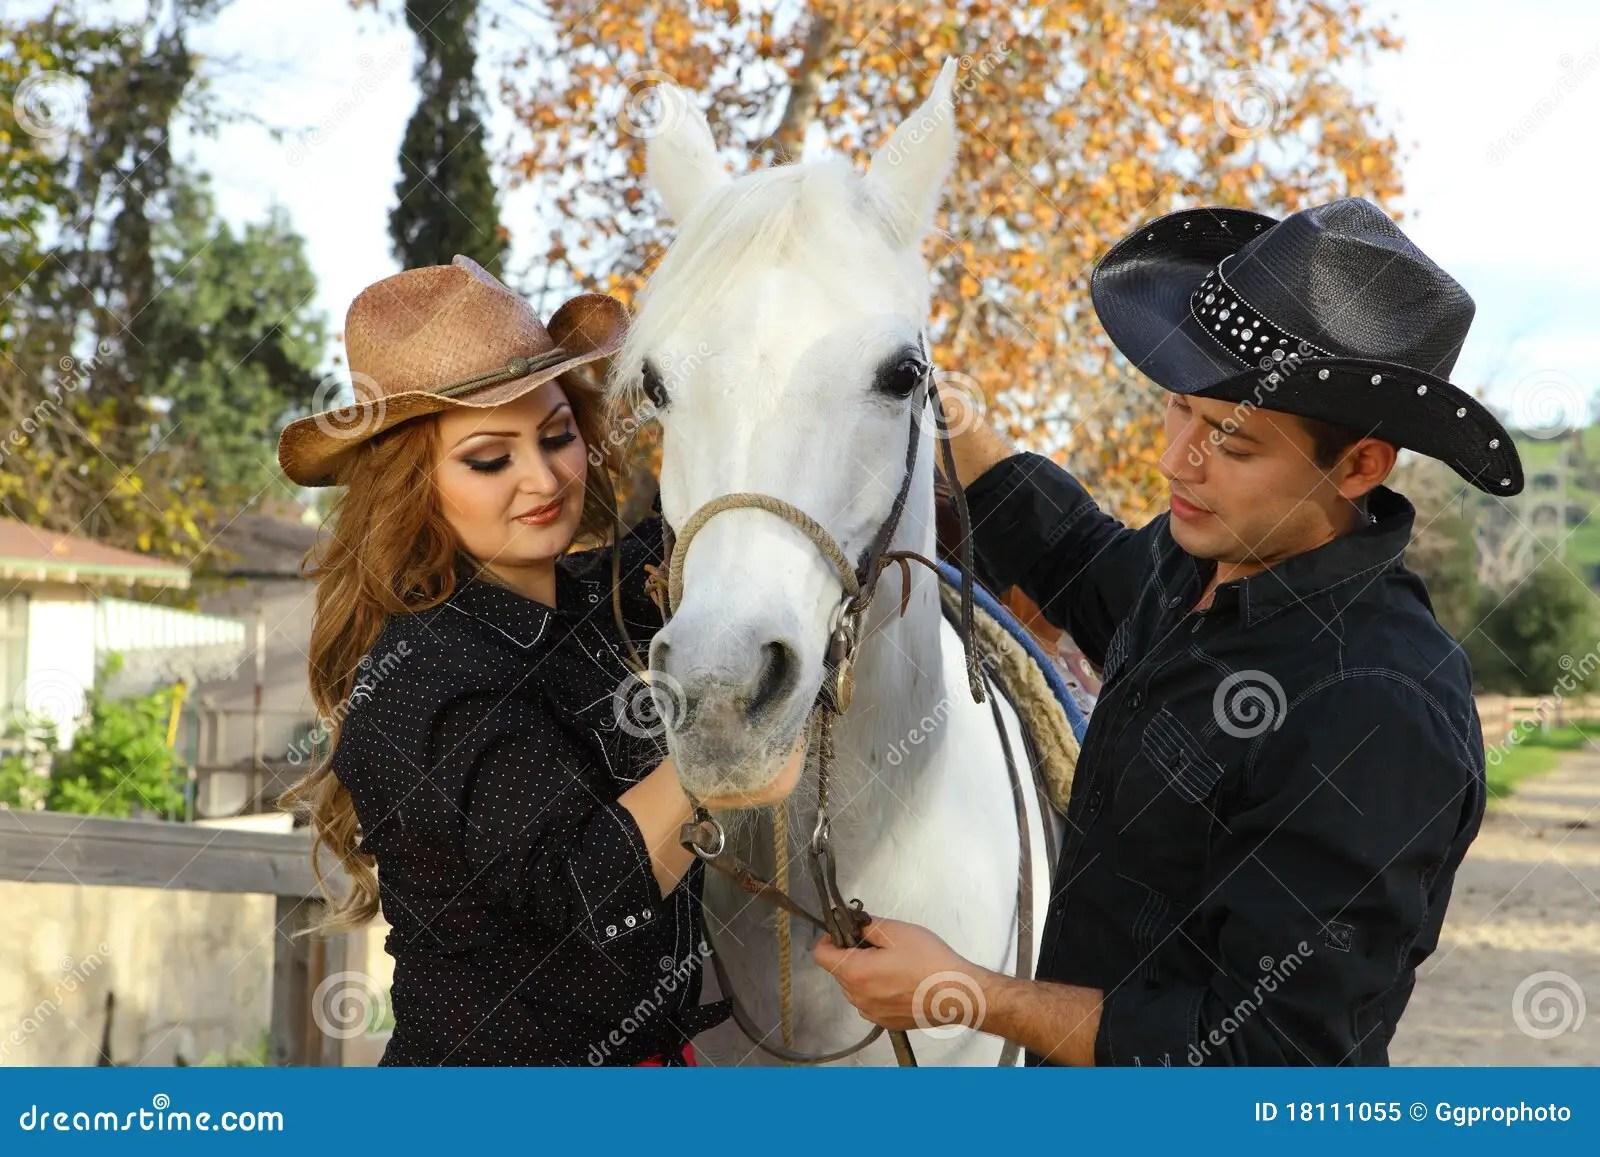 Cowboy E Cowgirl Com Cavalo Imagem De Stock